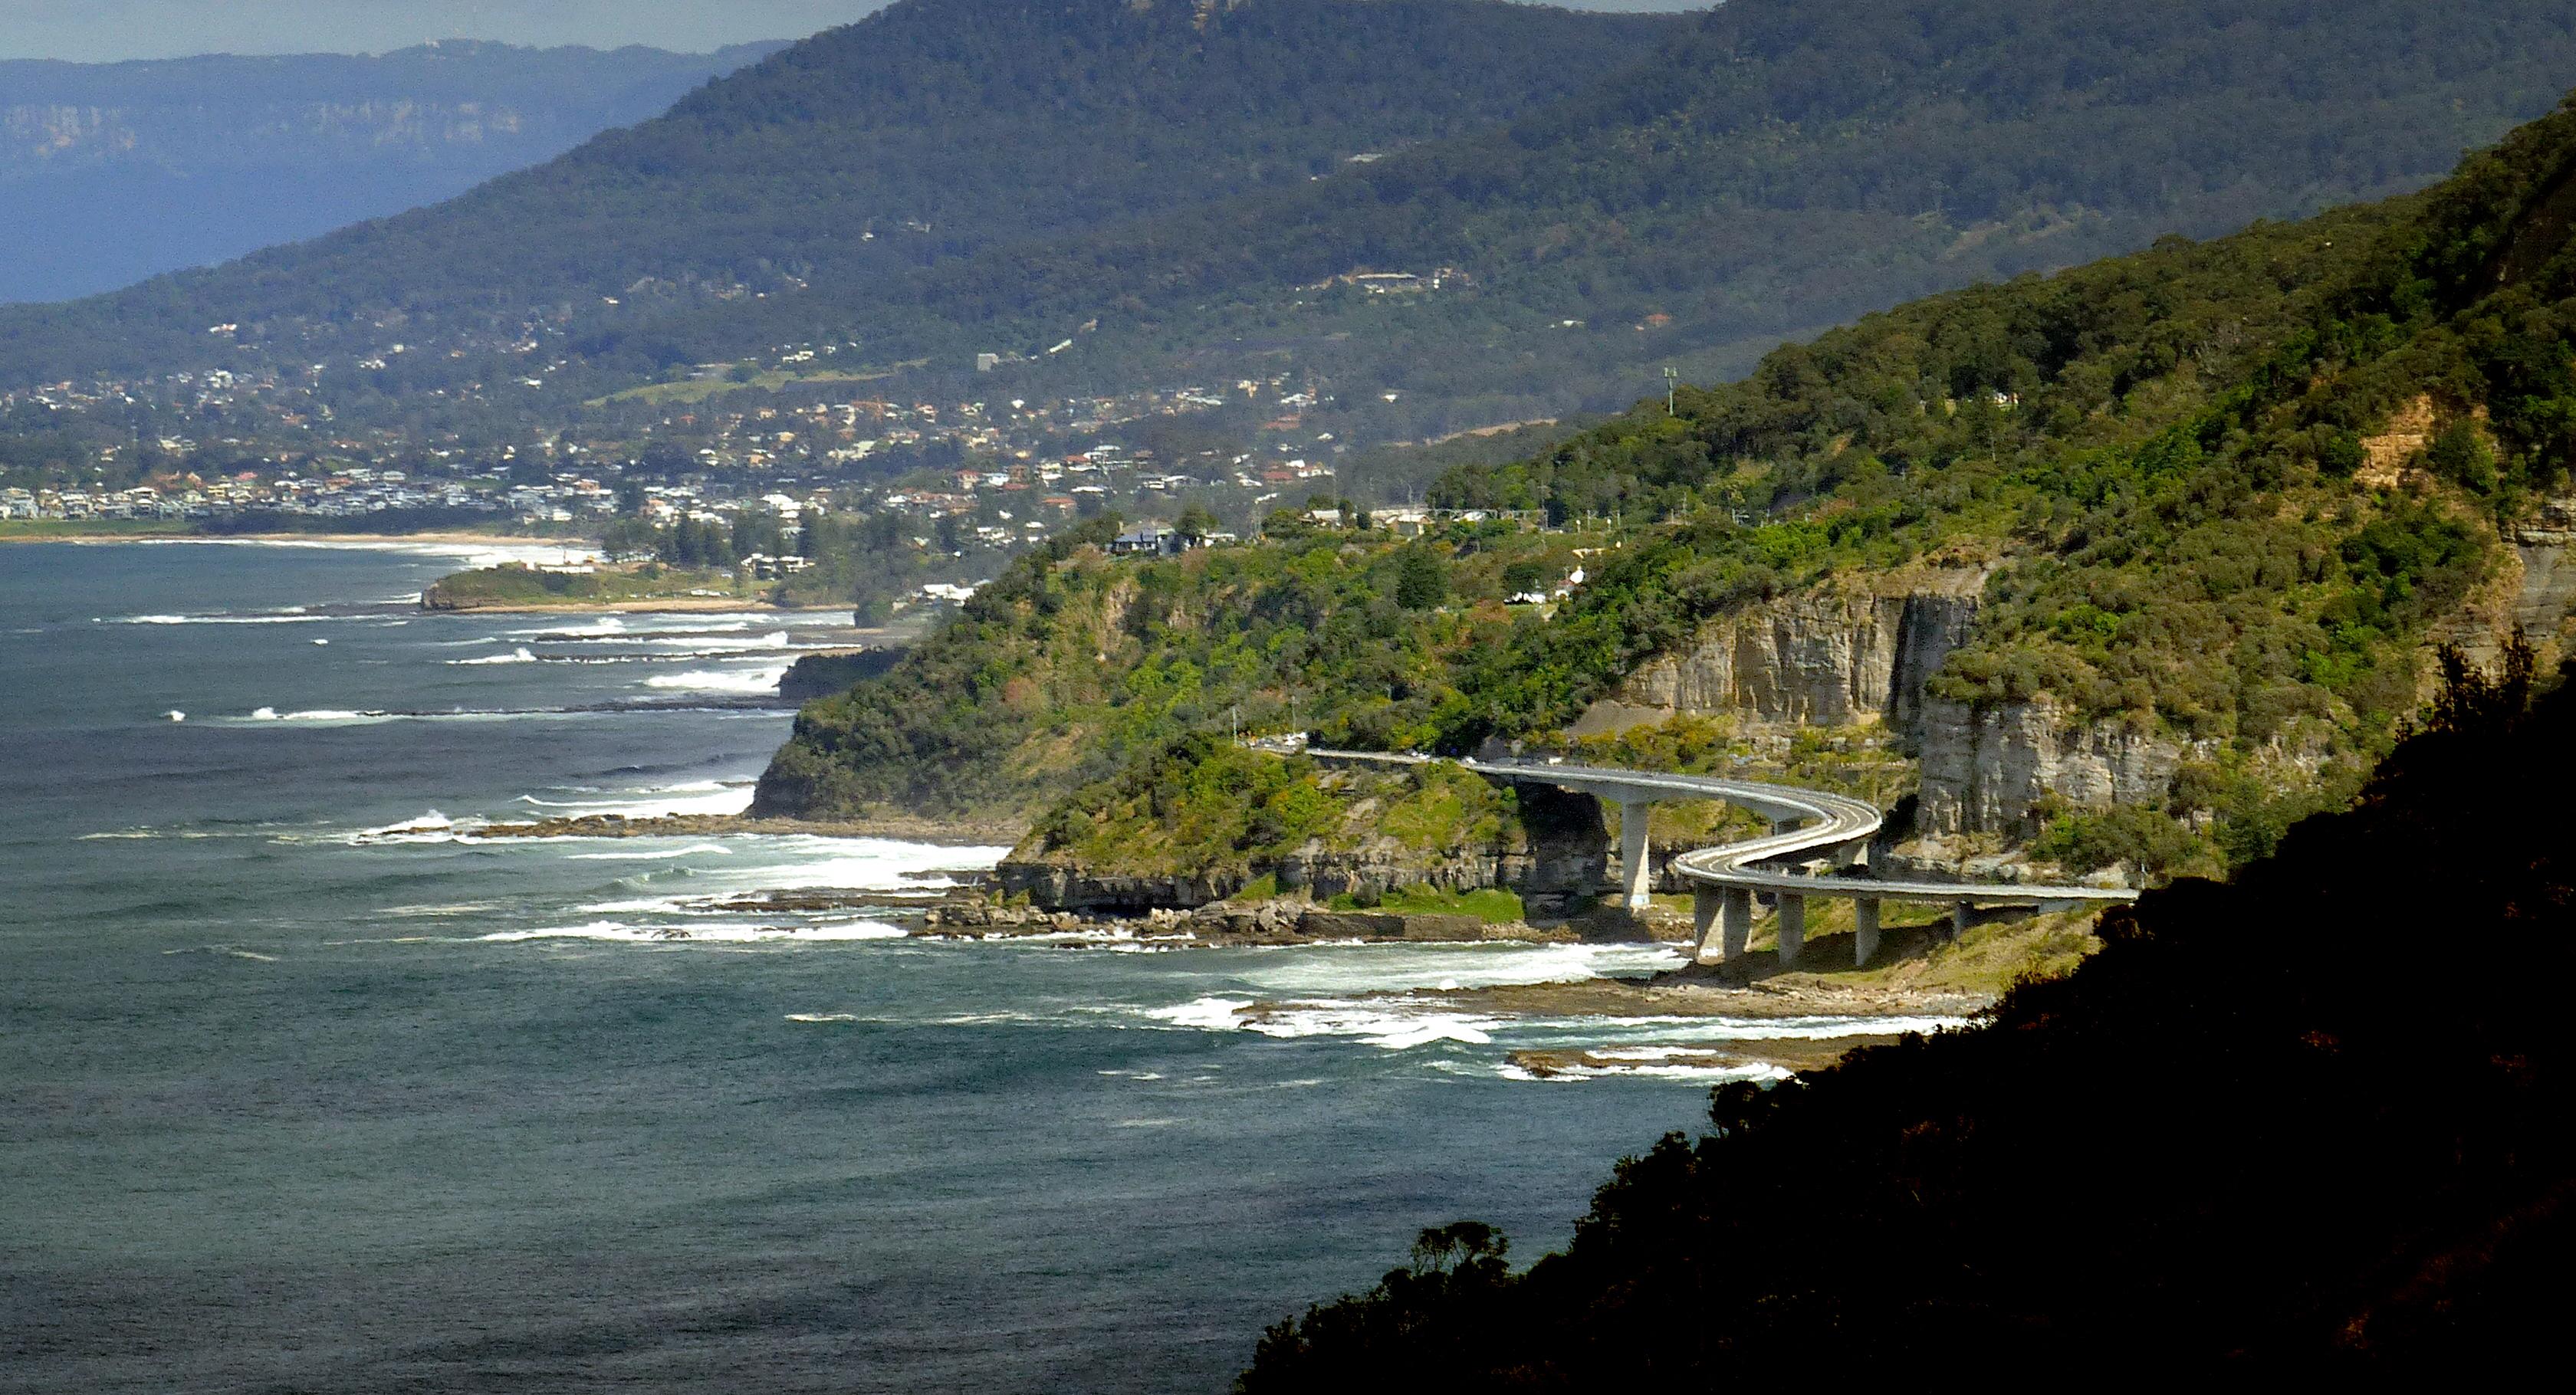 The sea cliff bridge. clifton. nsw photo